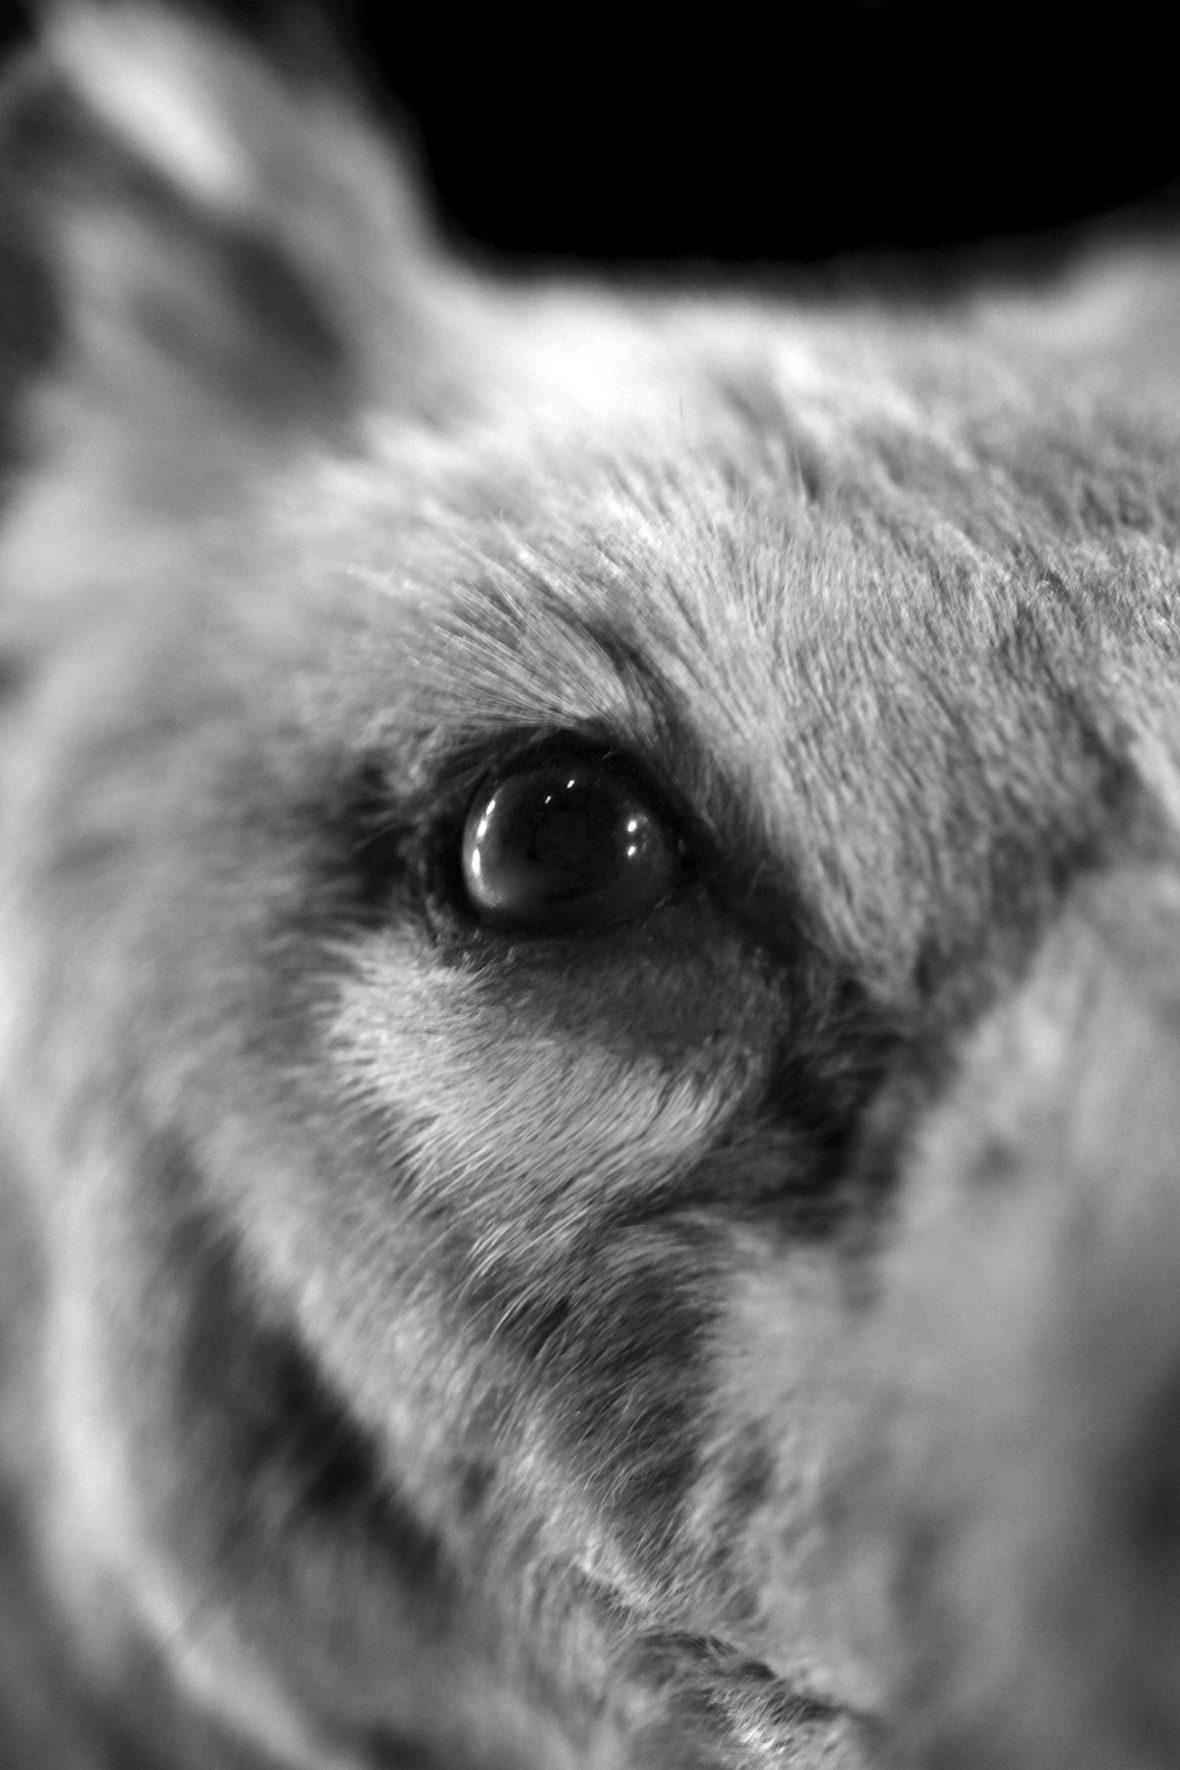 Der Beutelwolf, auch als Tasmanischer Tiger bekannt, war das größtes fleischfressendes Beuteltier in Australien.  Der letzte Beutelwolf starb 1936 im Zoo von Tasmanien.